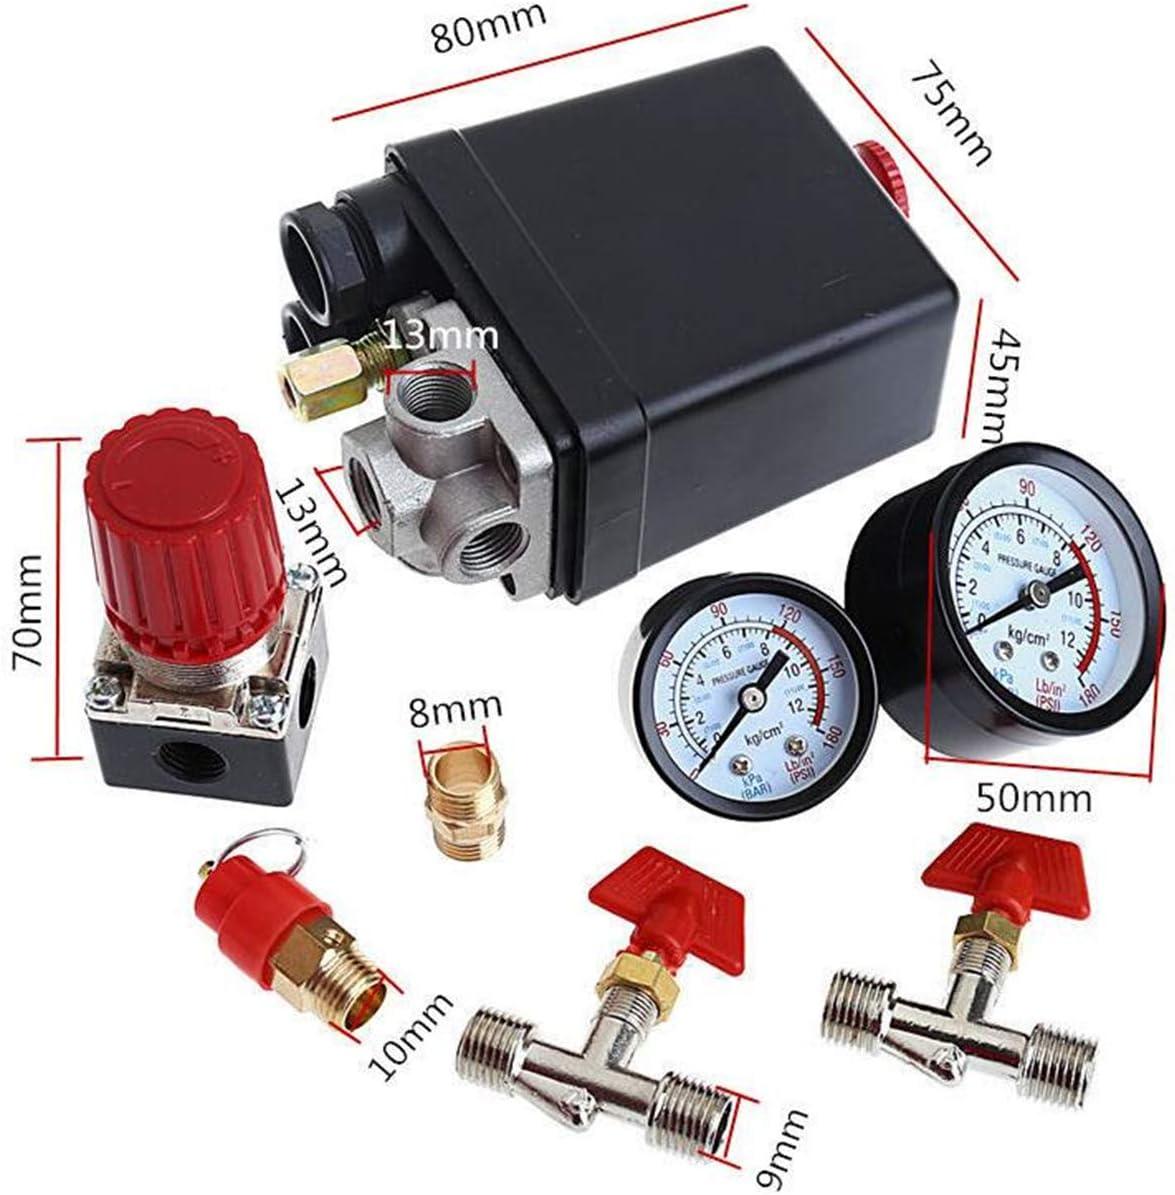 Druckschalter Luftkompressor Ventil Mit Kontrolle 90 120 Psi Druckregler Baumarkt